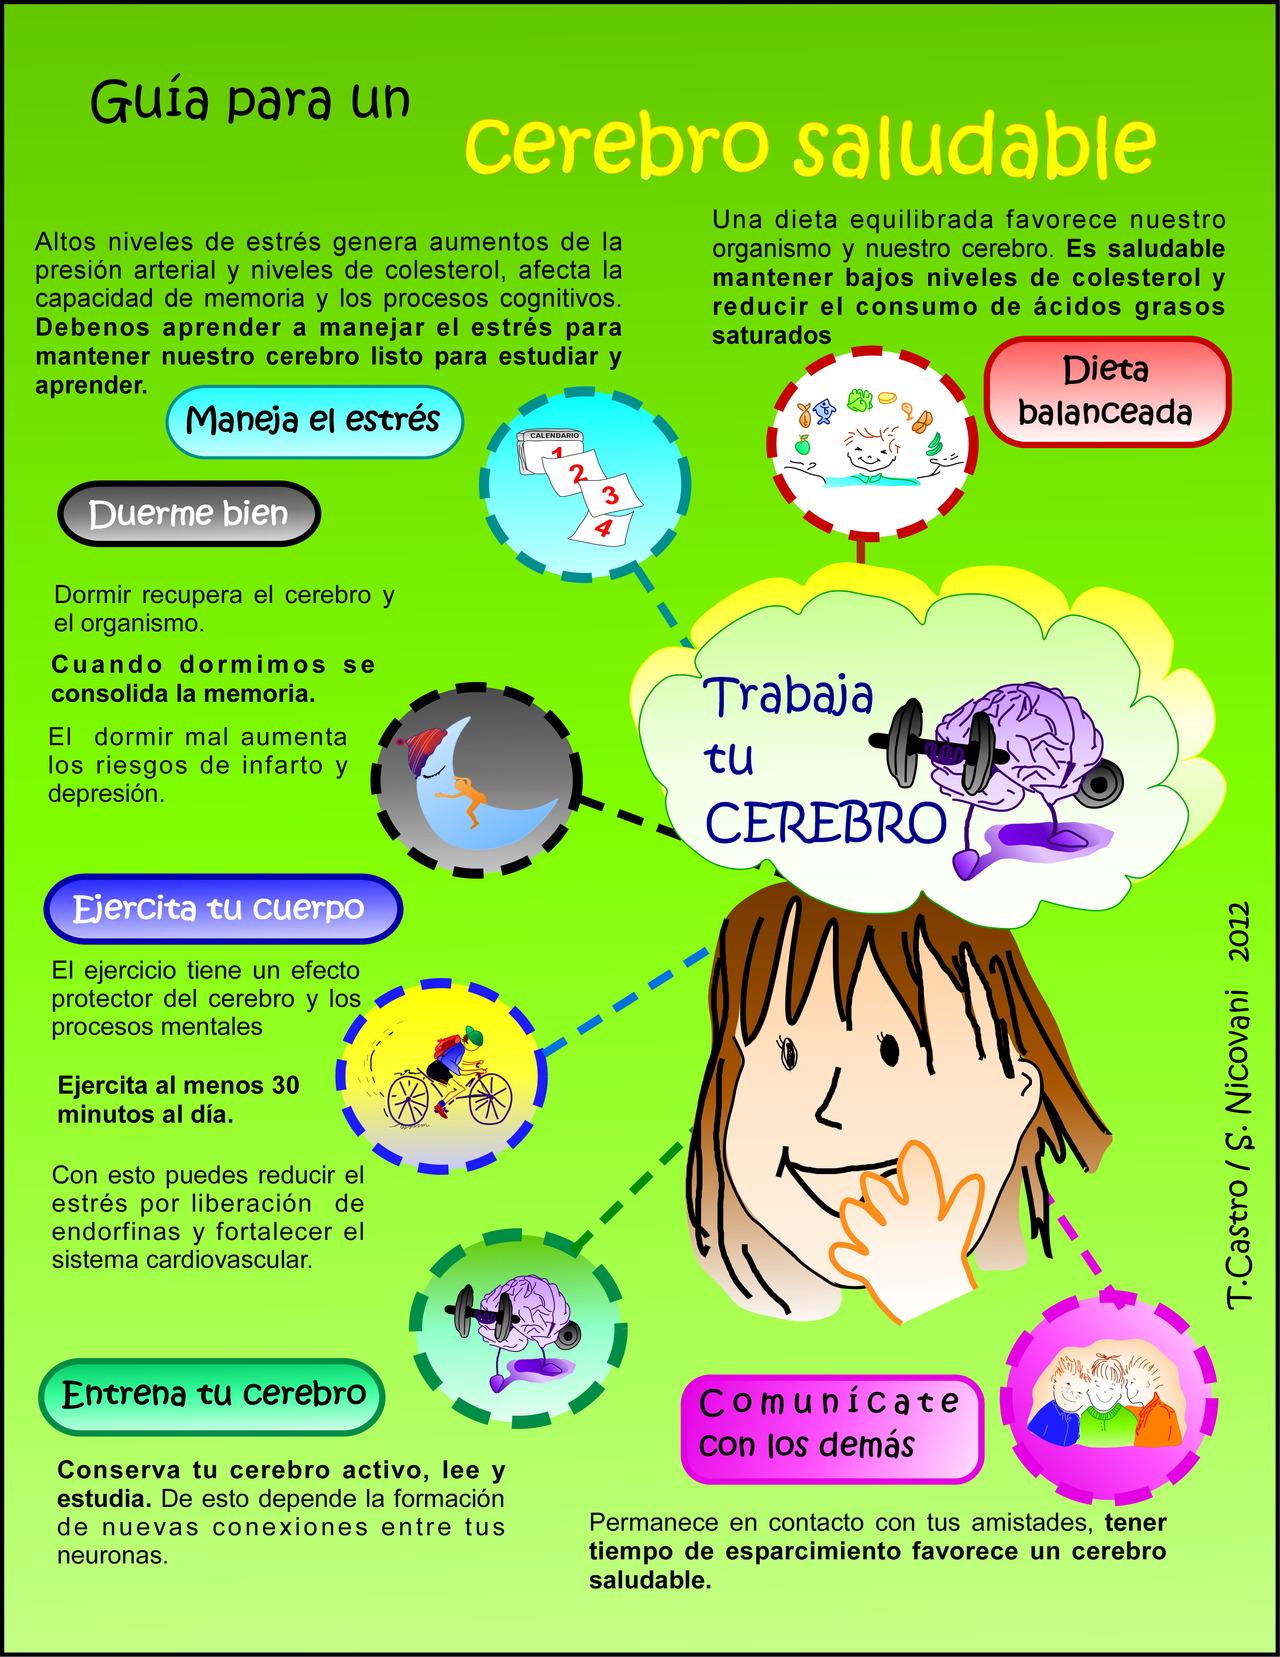 Guía para un cerebro saludable